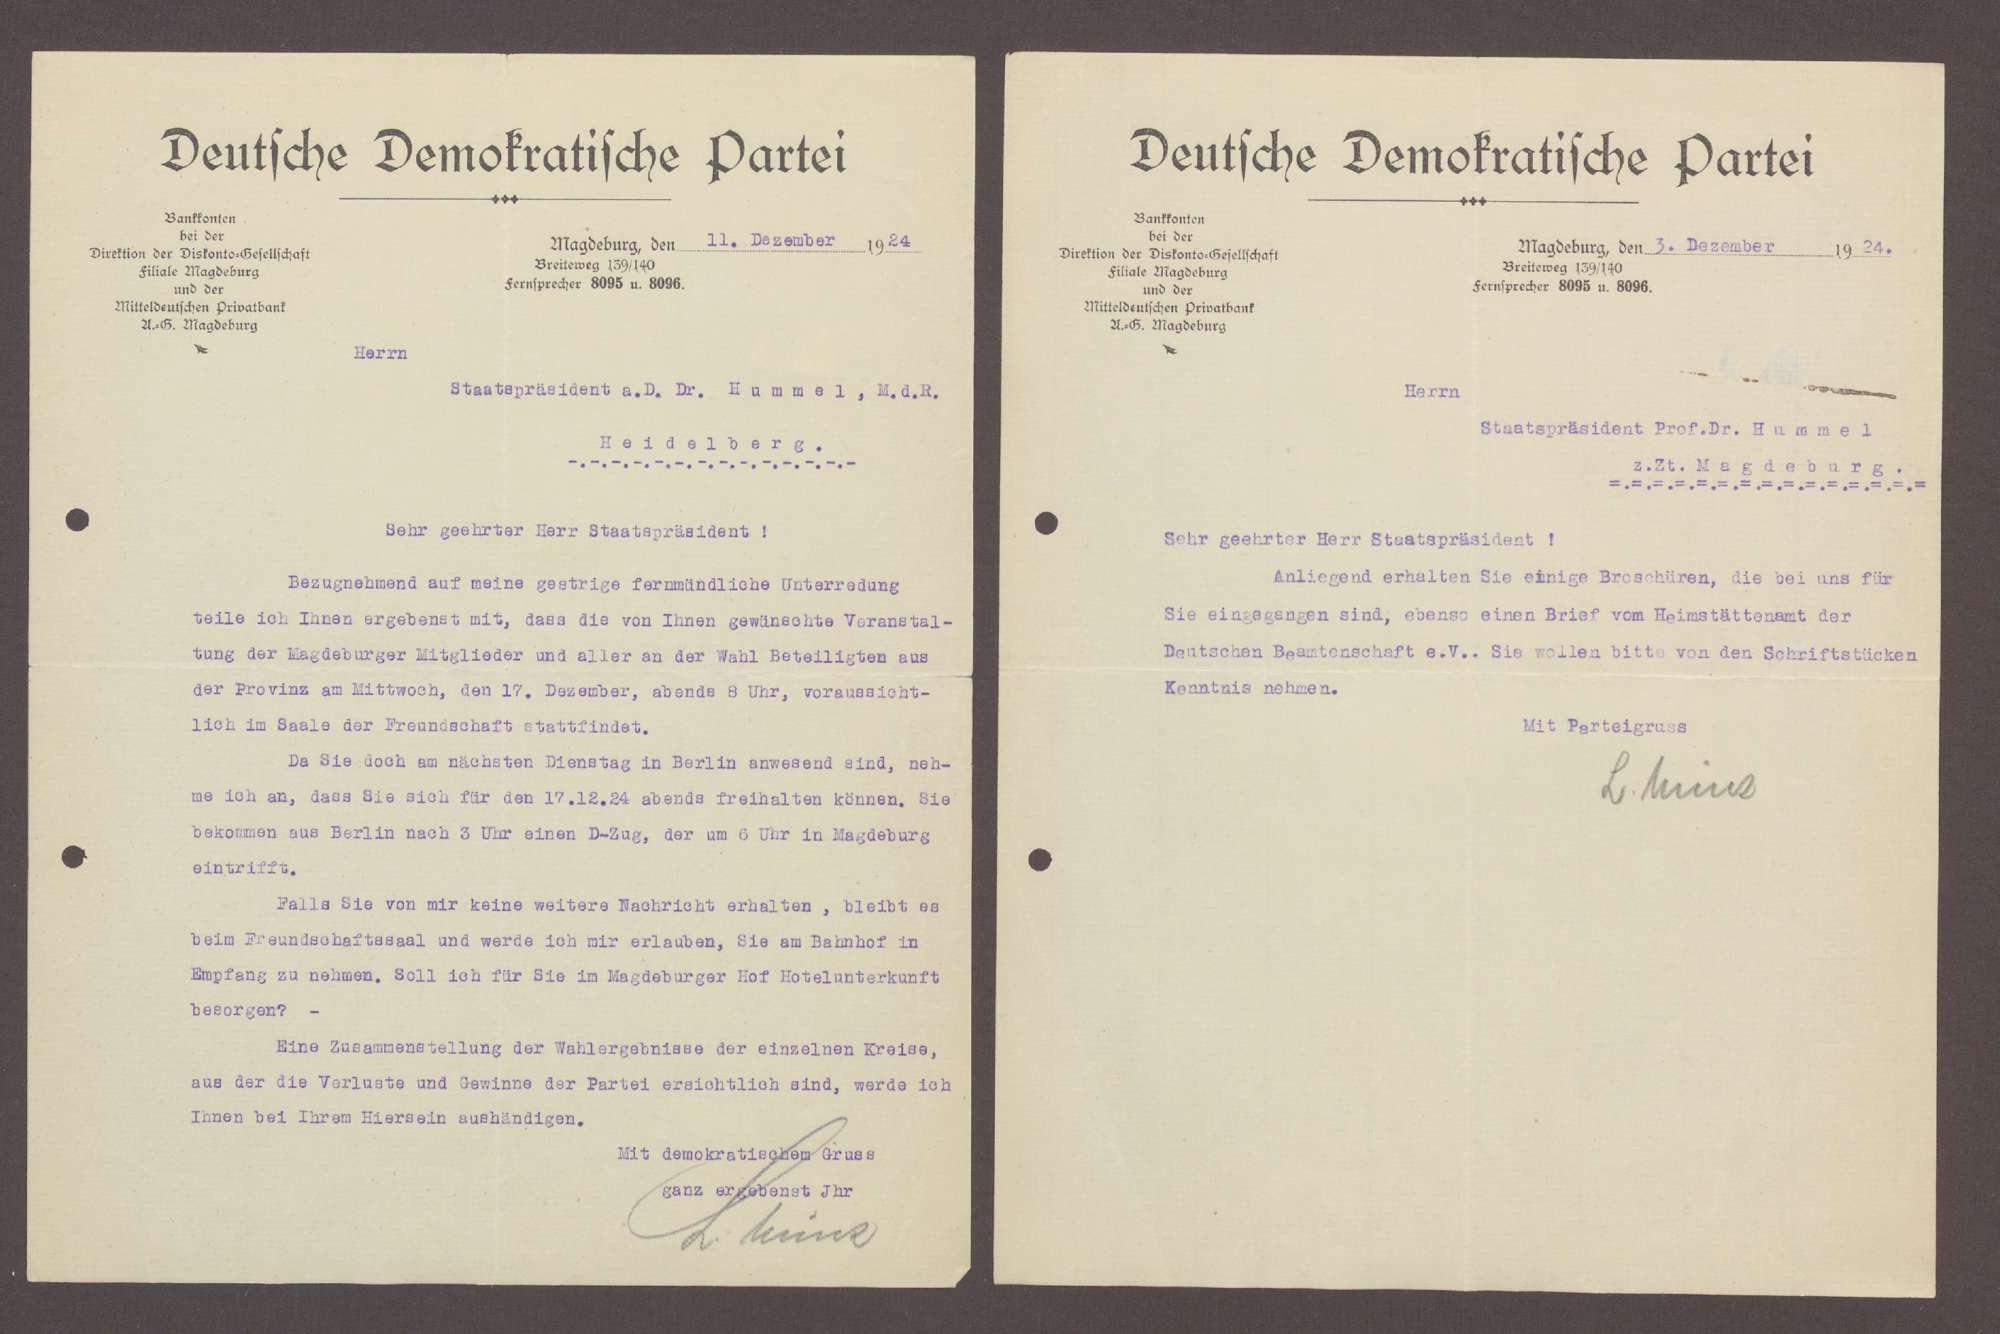 Schreiben von Ludwig Münz, DDP Ortsgruppe Magdeburg, an Hermann Hummel: Einladung zu einem Abendessen mit Theordor Bohner;, Bild 2